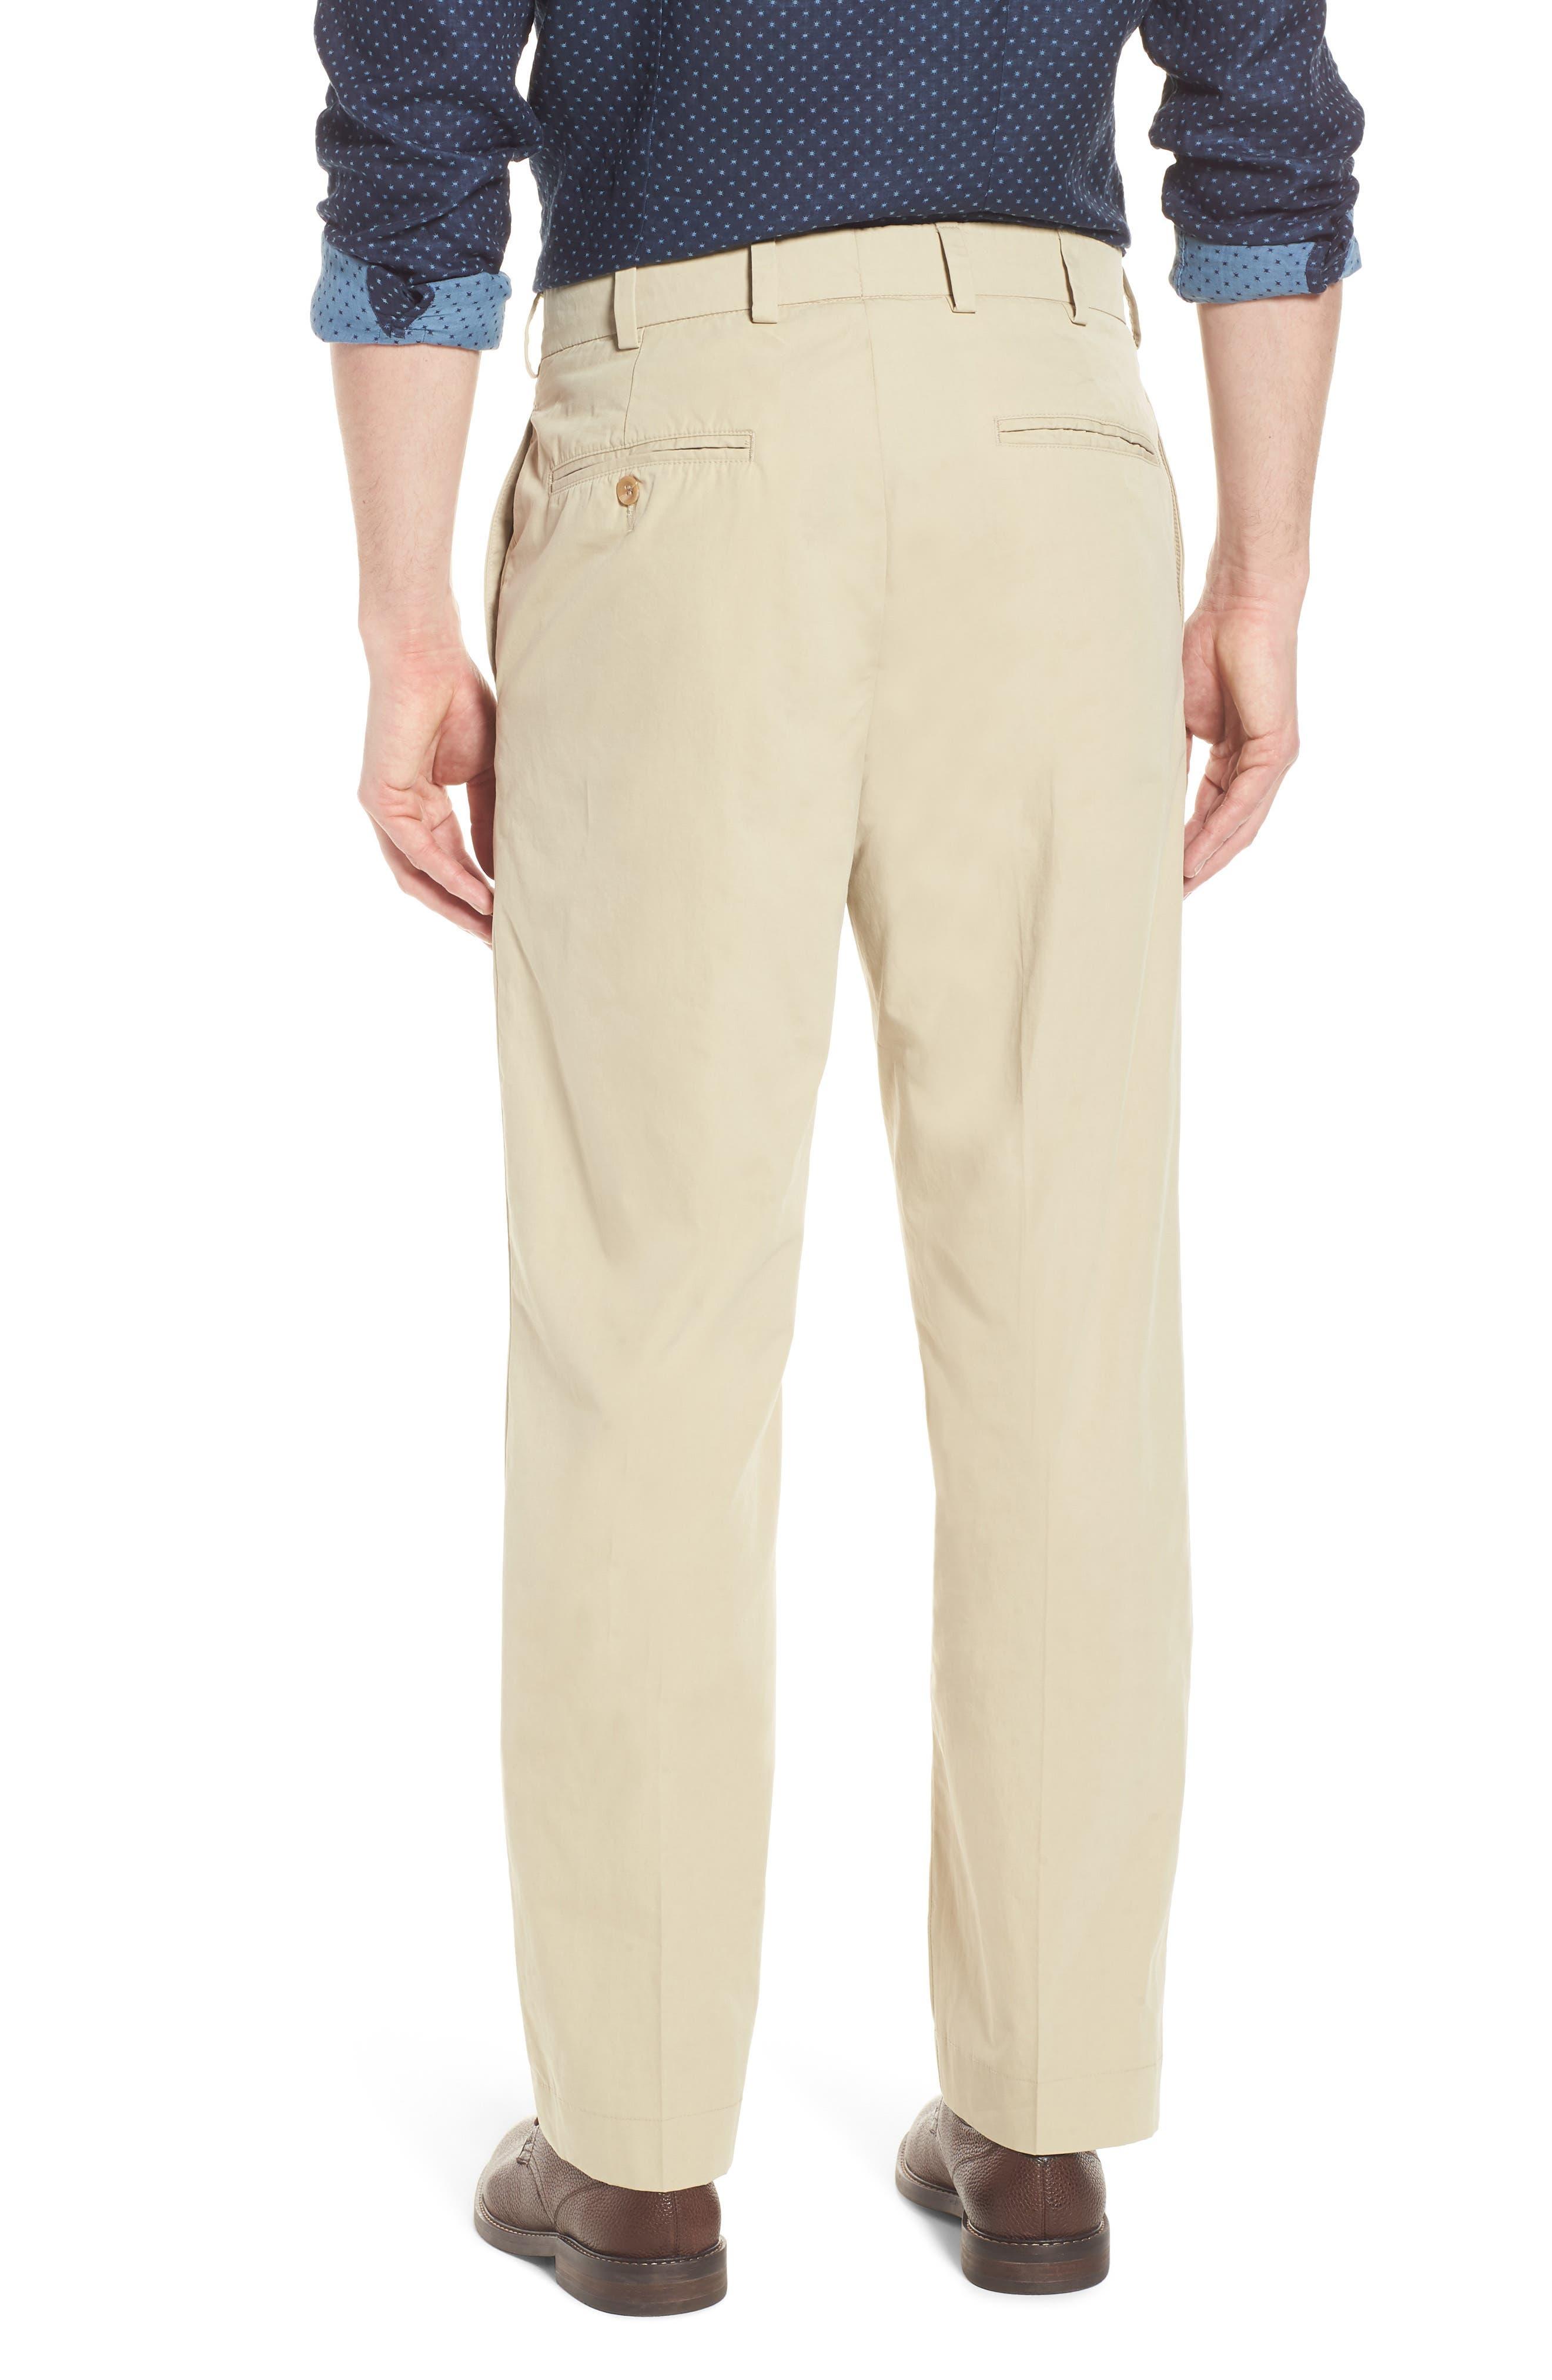 M2 Classic Fit Flat Front Tropical Cotton Poplin Pants,                             Alternate thumbnail 2, color,                             Khaki